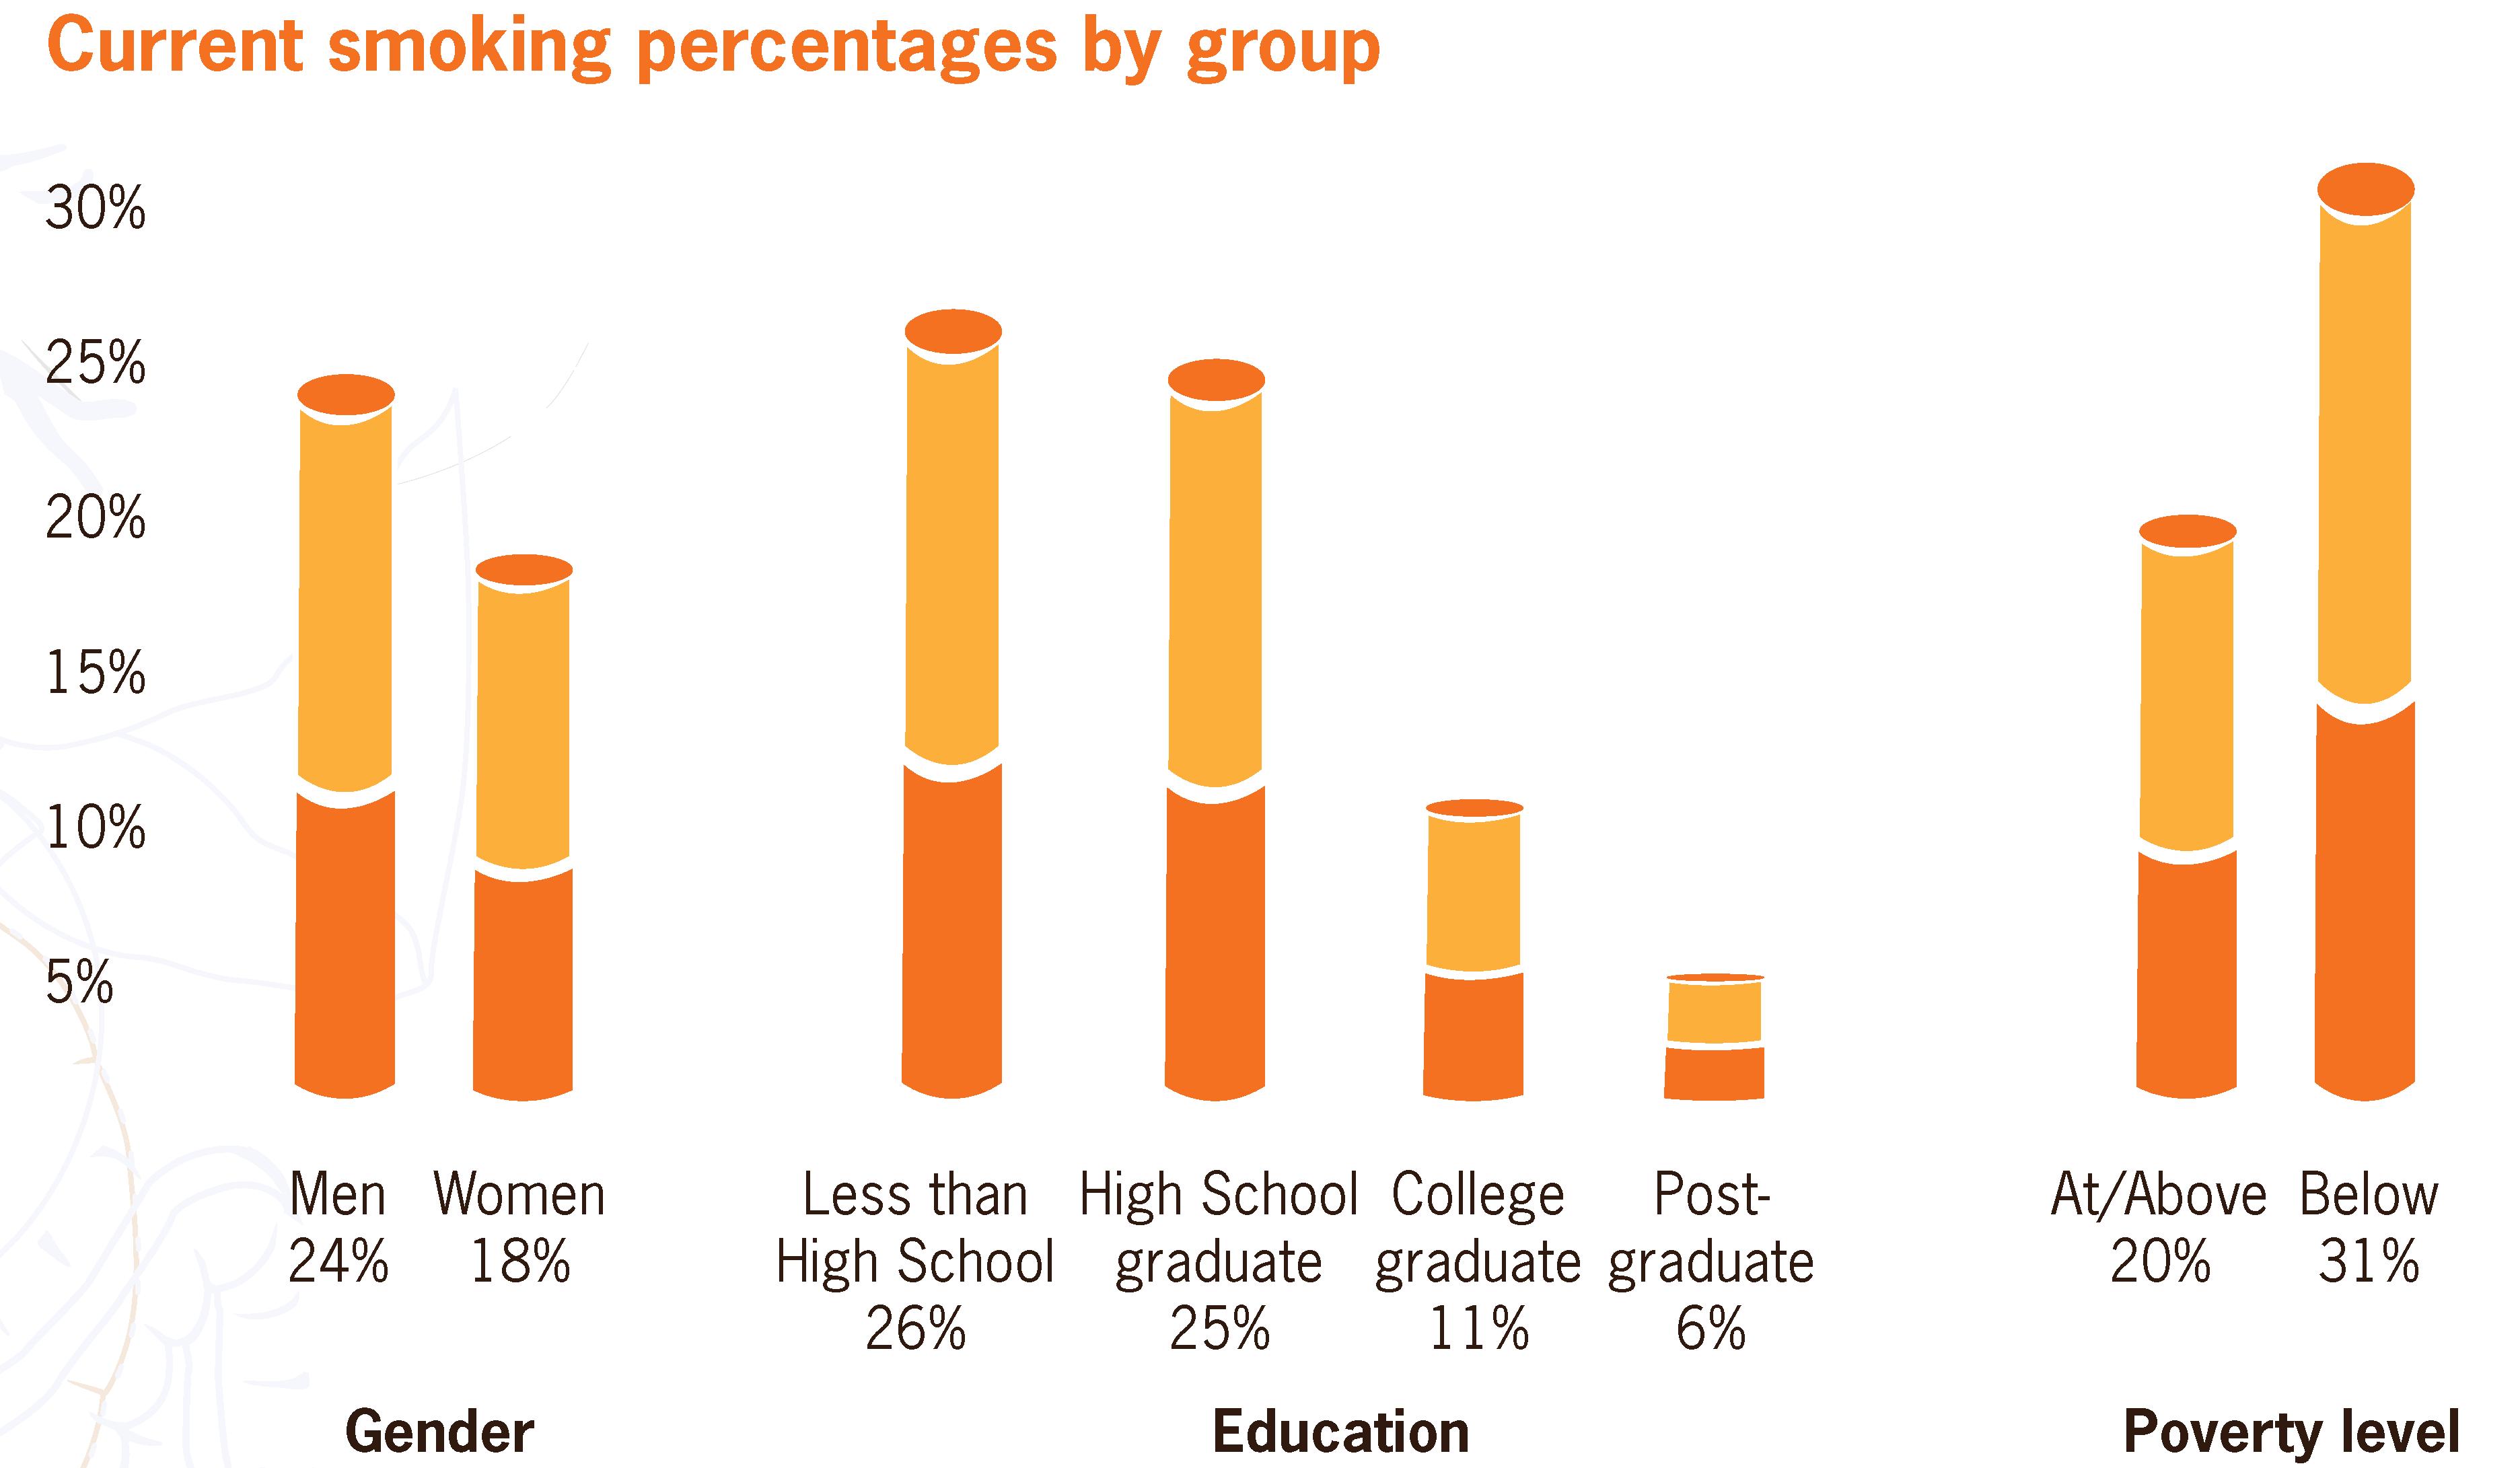 Illinois set to raise min smoking age from 18 to 21